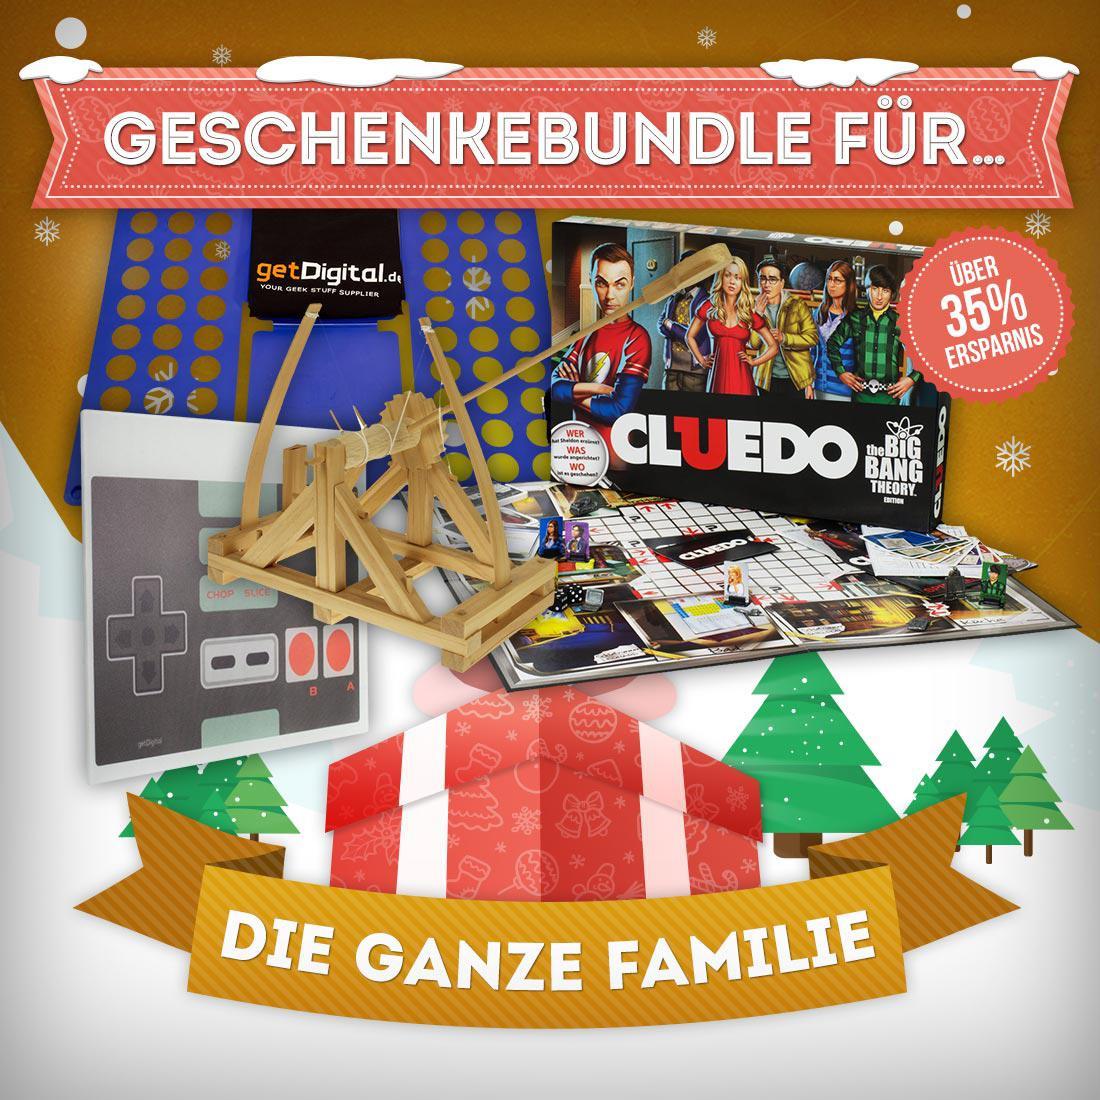 Geschenke Für Die Ganze Familie  Geschenke Bundle für ganze Familie